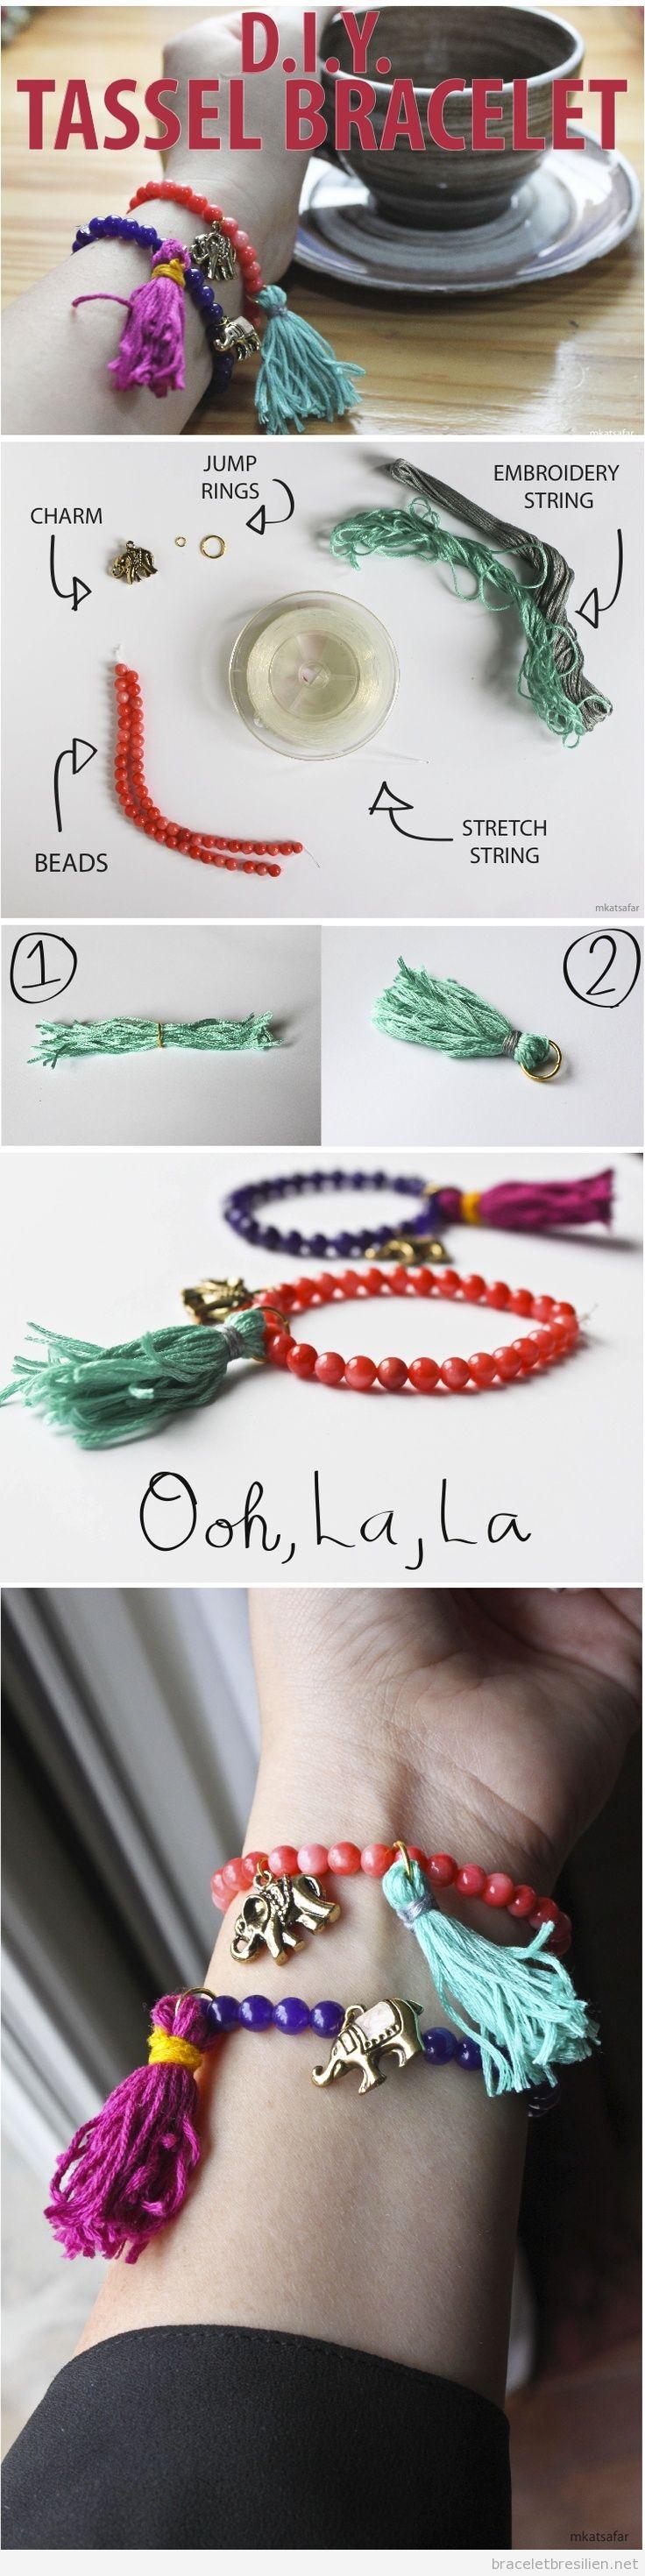 Bracelet DIY réalisé avec des perles et pompons de fils, tuto